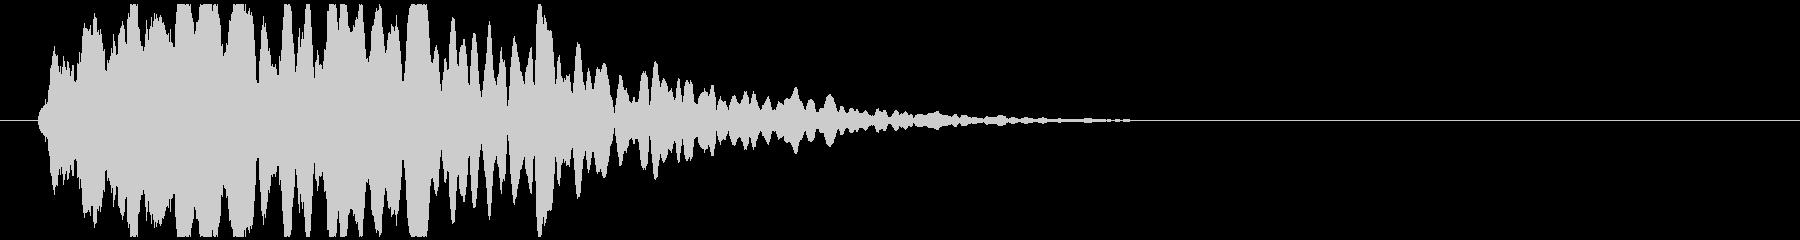 透明感のある衝突音(D4)の未再生の波形